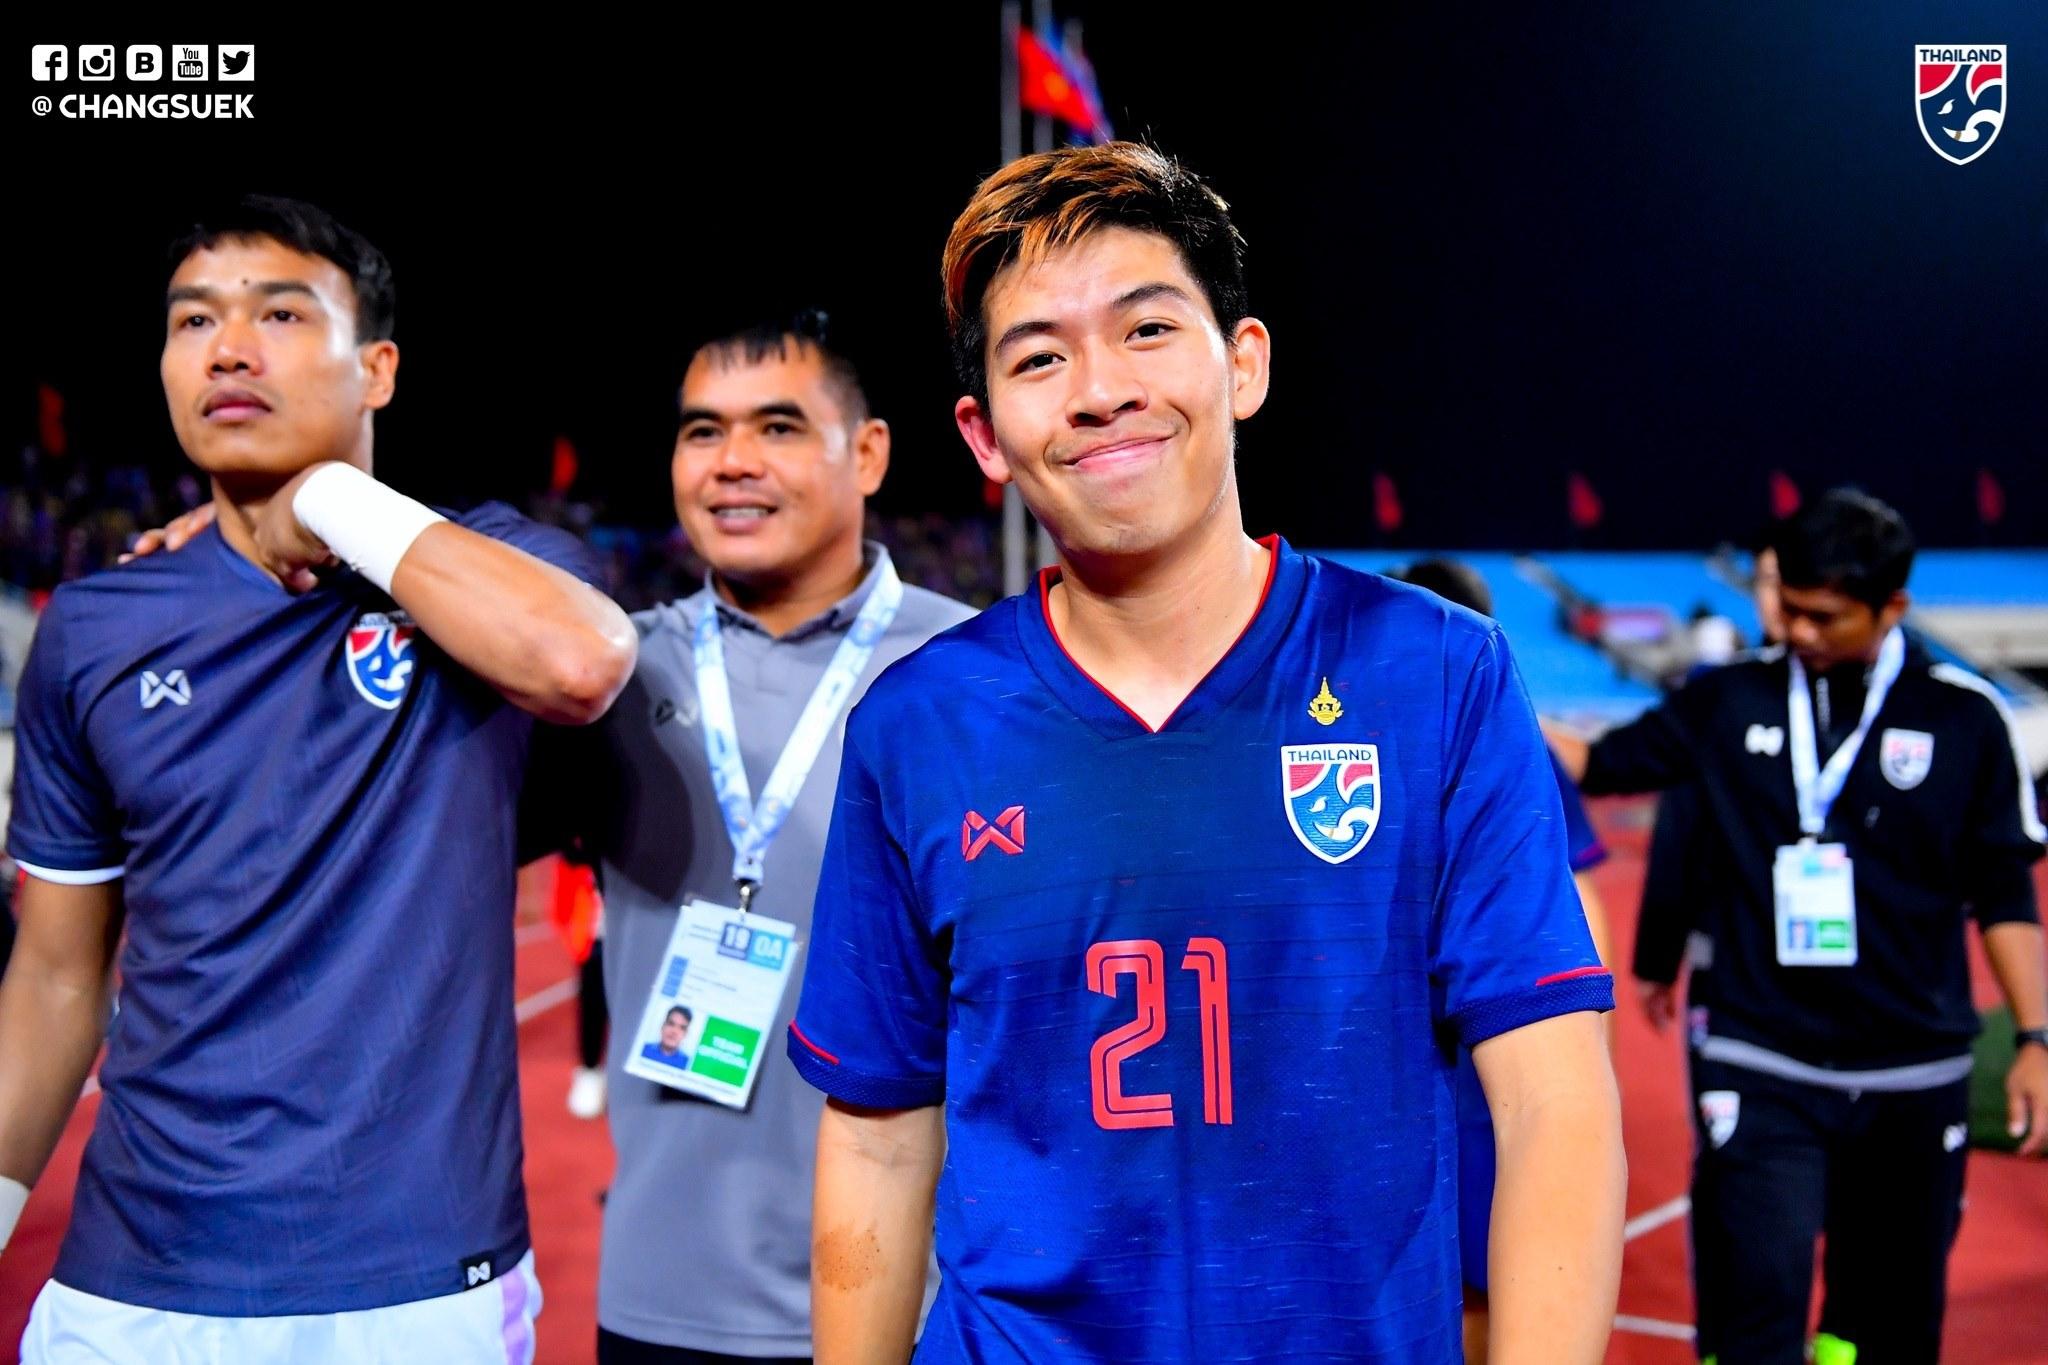 Bài ảnh Cầu thủ Thái Lan cười tươi, mừng như